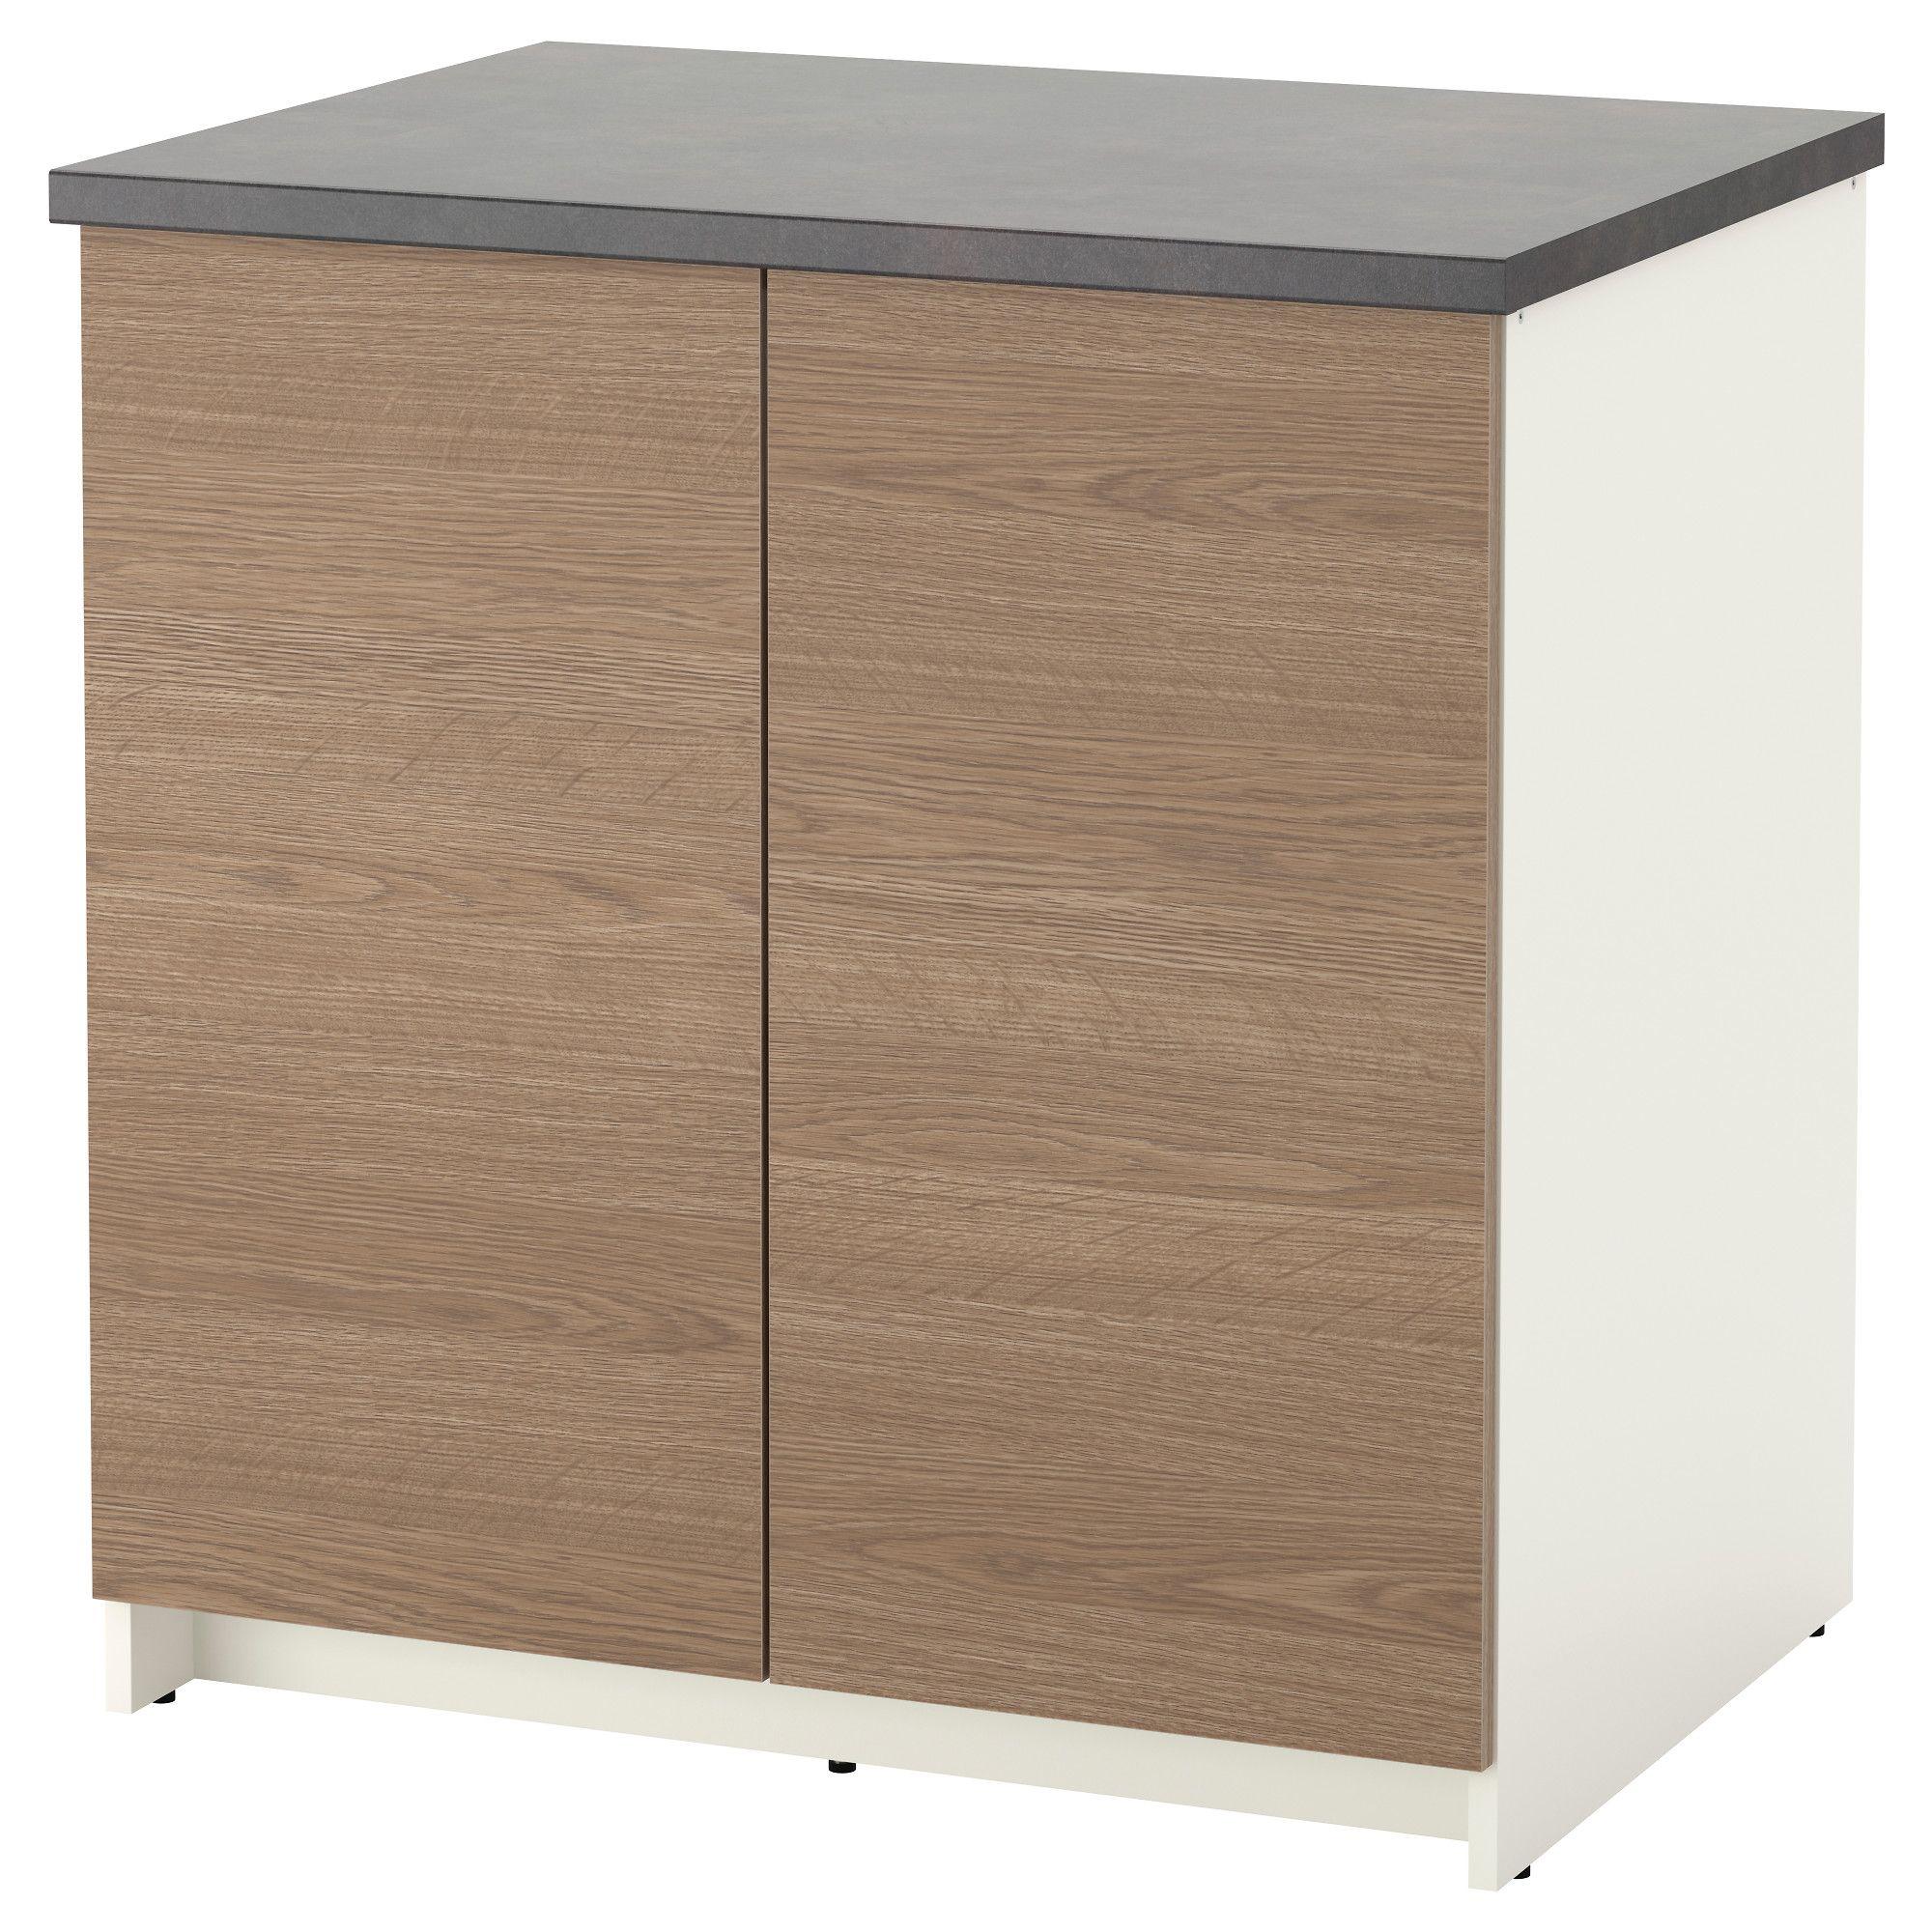 Knoxhult Ikea Kitchen Cabinets Kf Ikea Kitchen Cabinets Ikea Kitchen Ikea